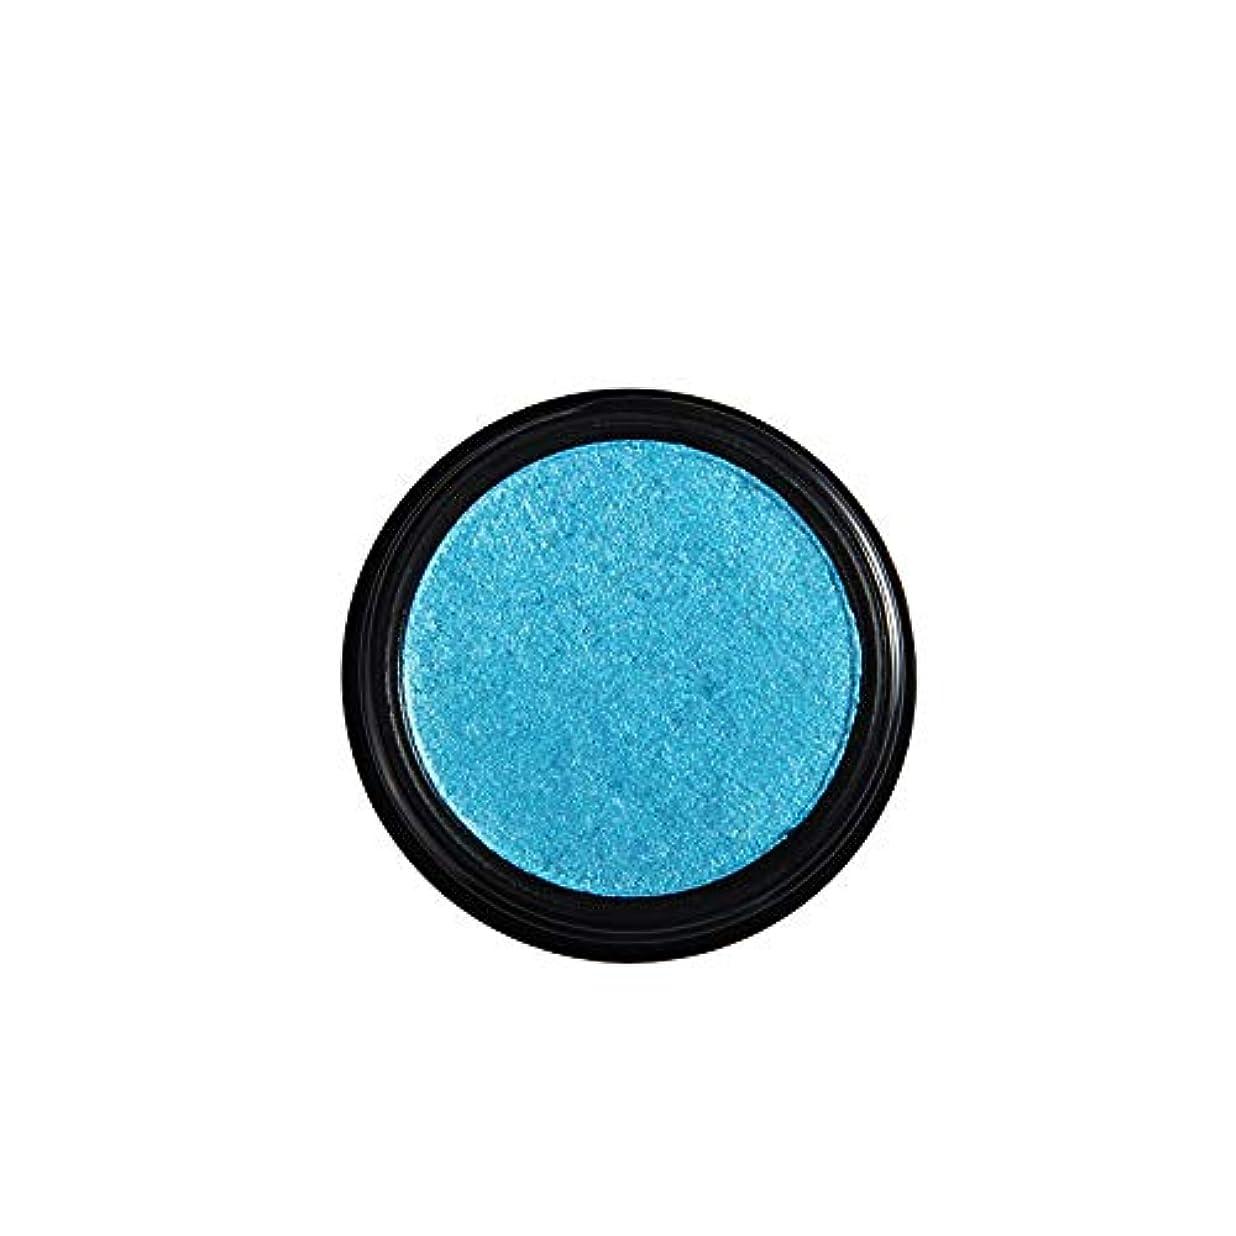 クローン異なる大気Akane アイシャドウパレット PHOERA ファッション 高級 美しい ひとつだけ 単なる 魅力的 キラキラ メタリック 綺麗 素敵 持ち便利 日常 Eye Shadow (24色)